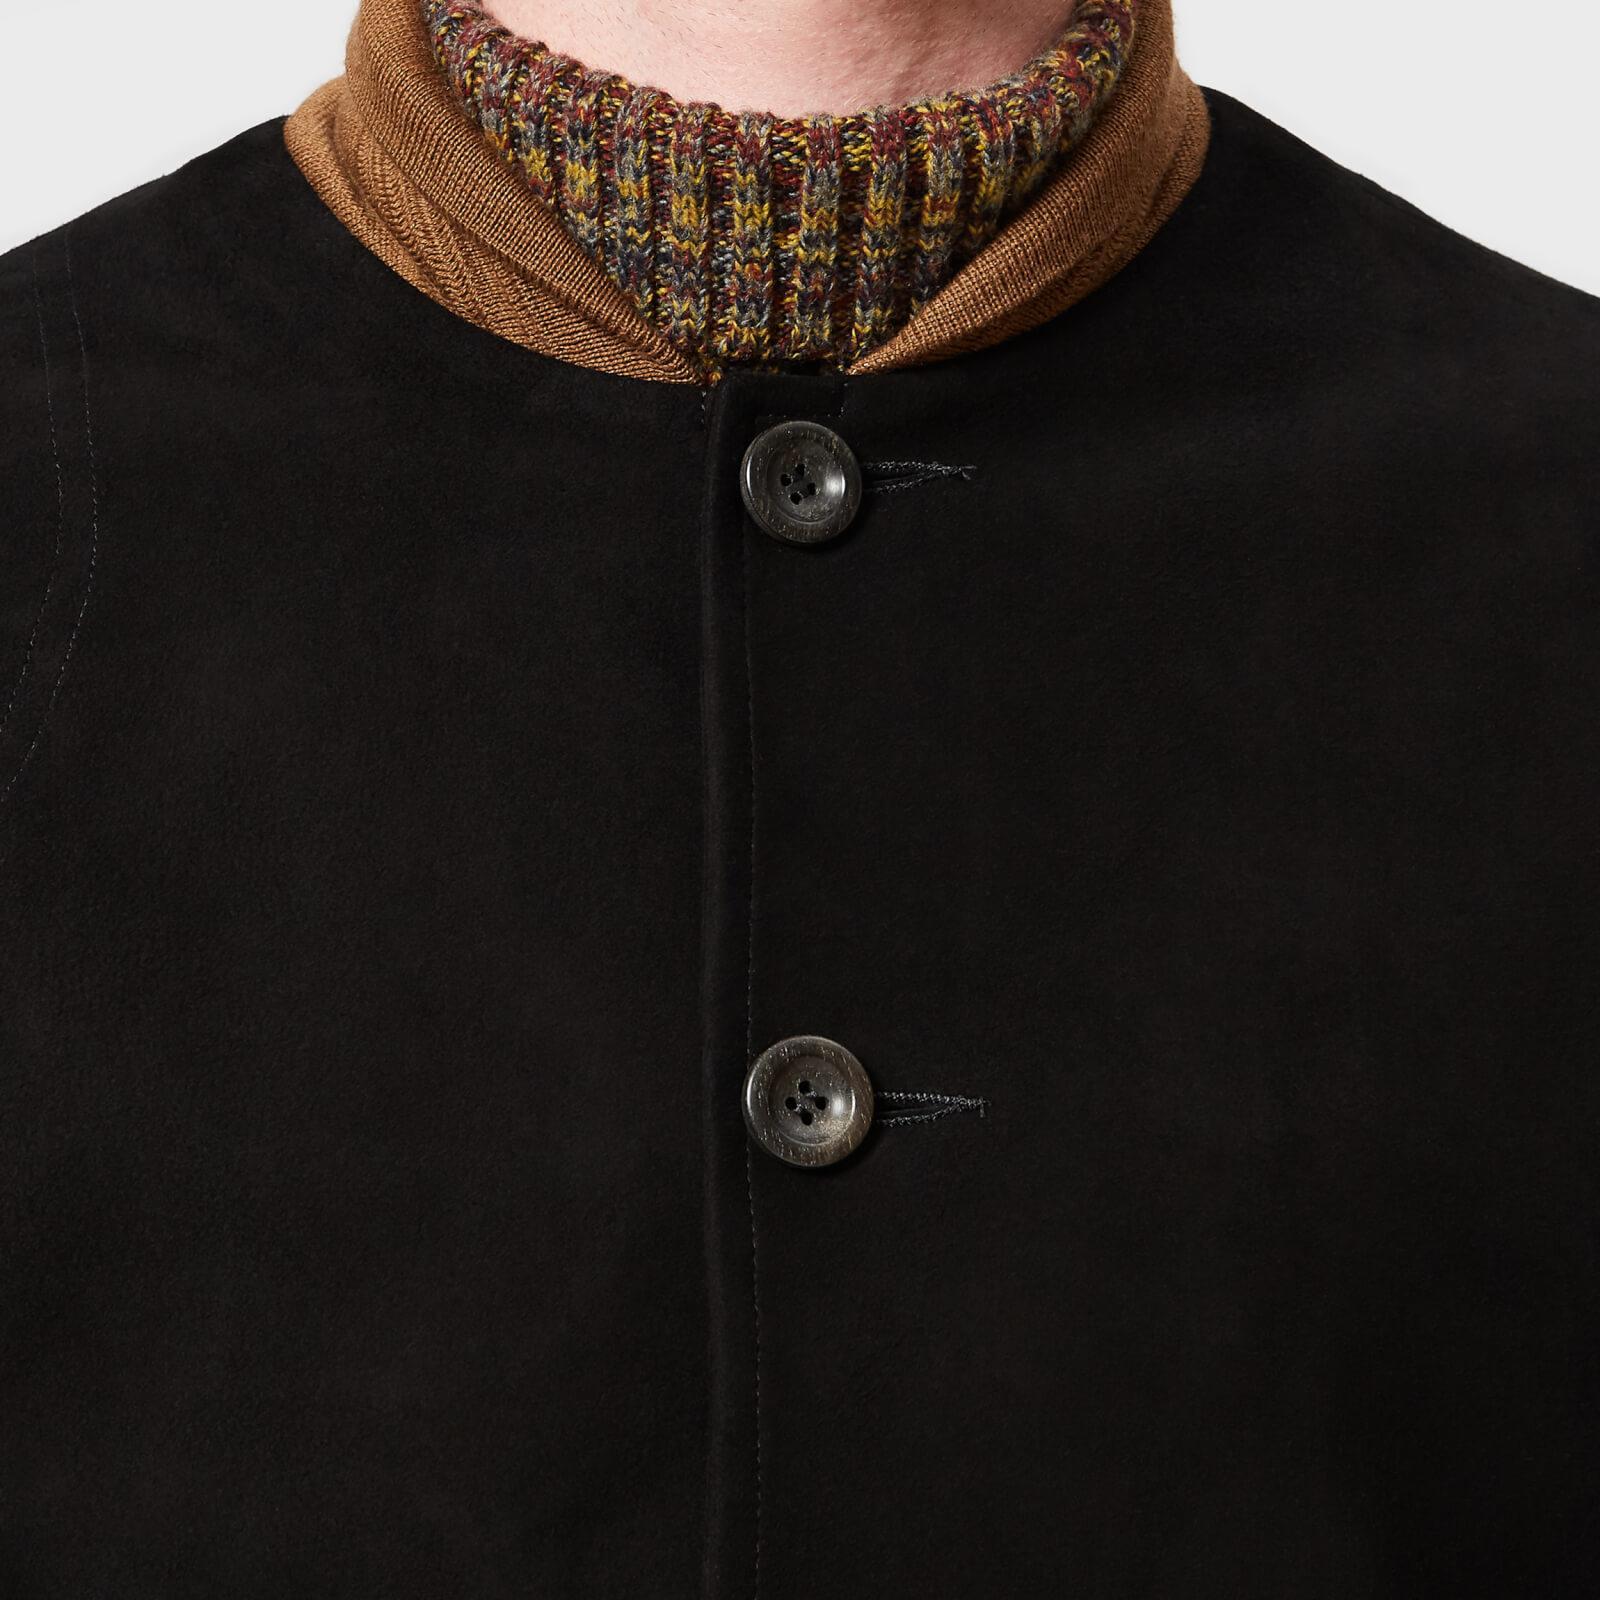 7462ca544 Oliver Spencer Gandy Suede Bomber Jacket in Black for Men - Lyst